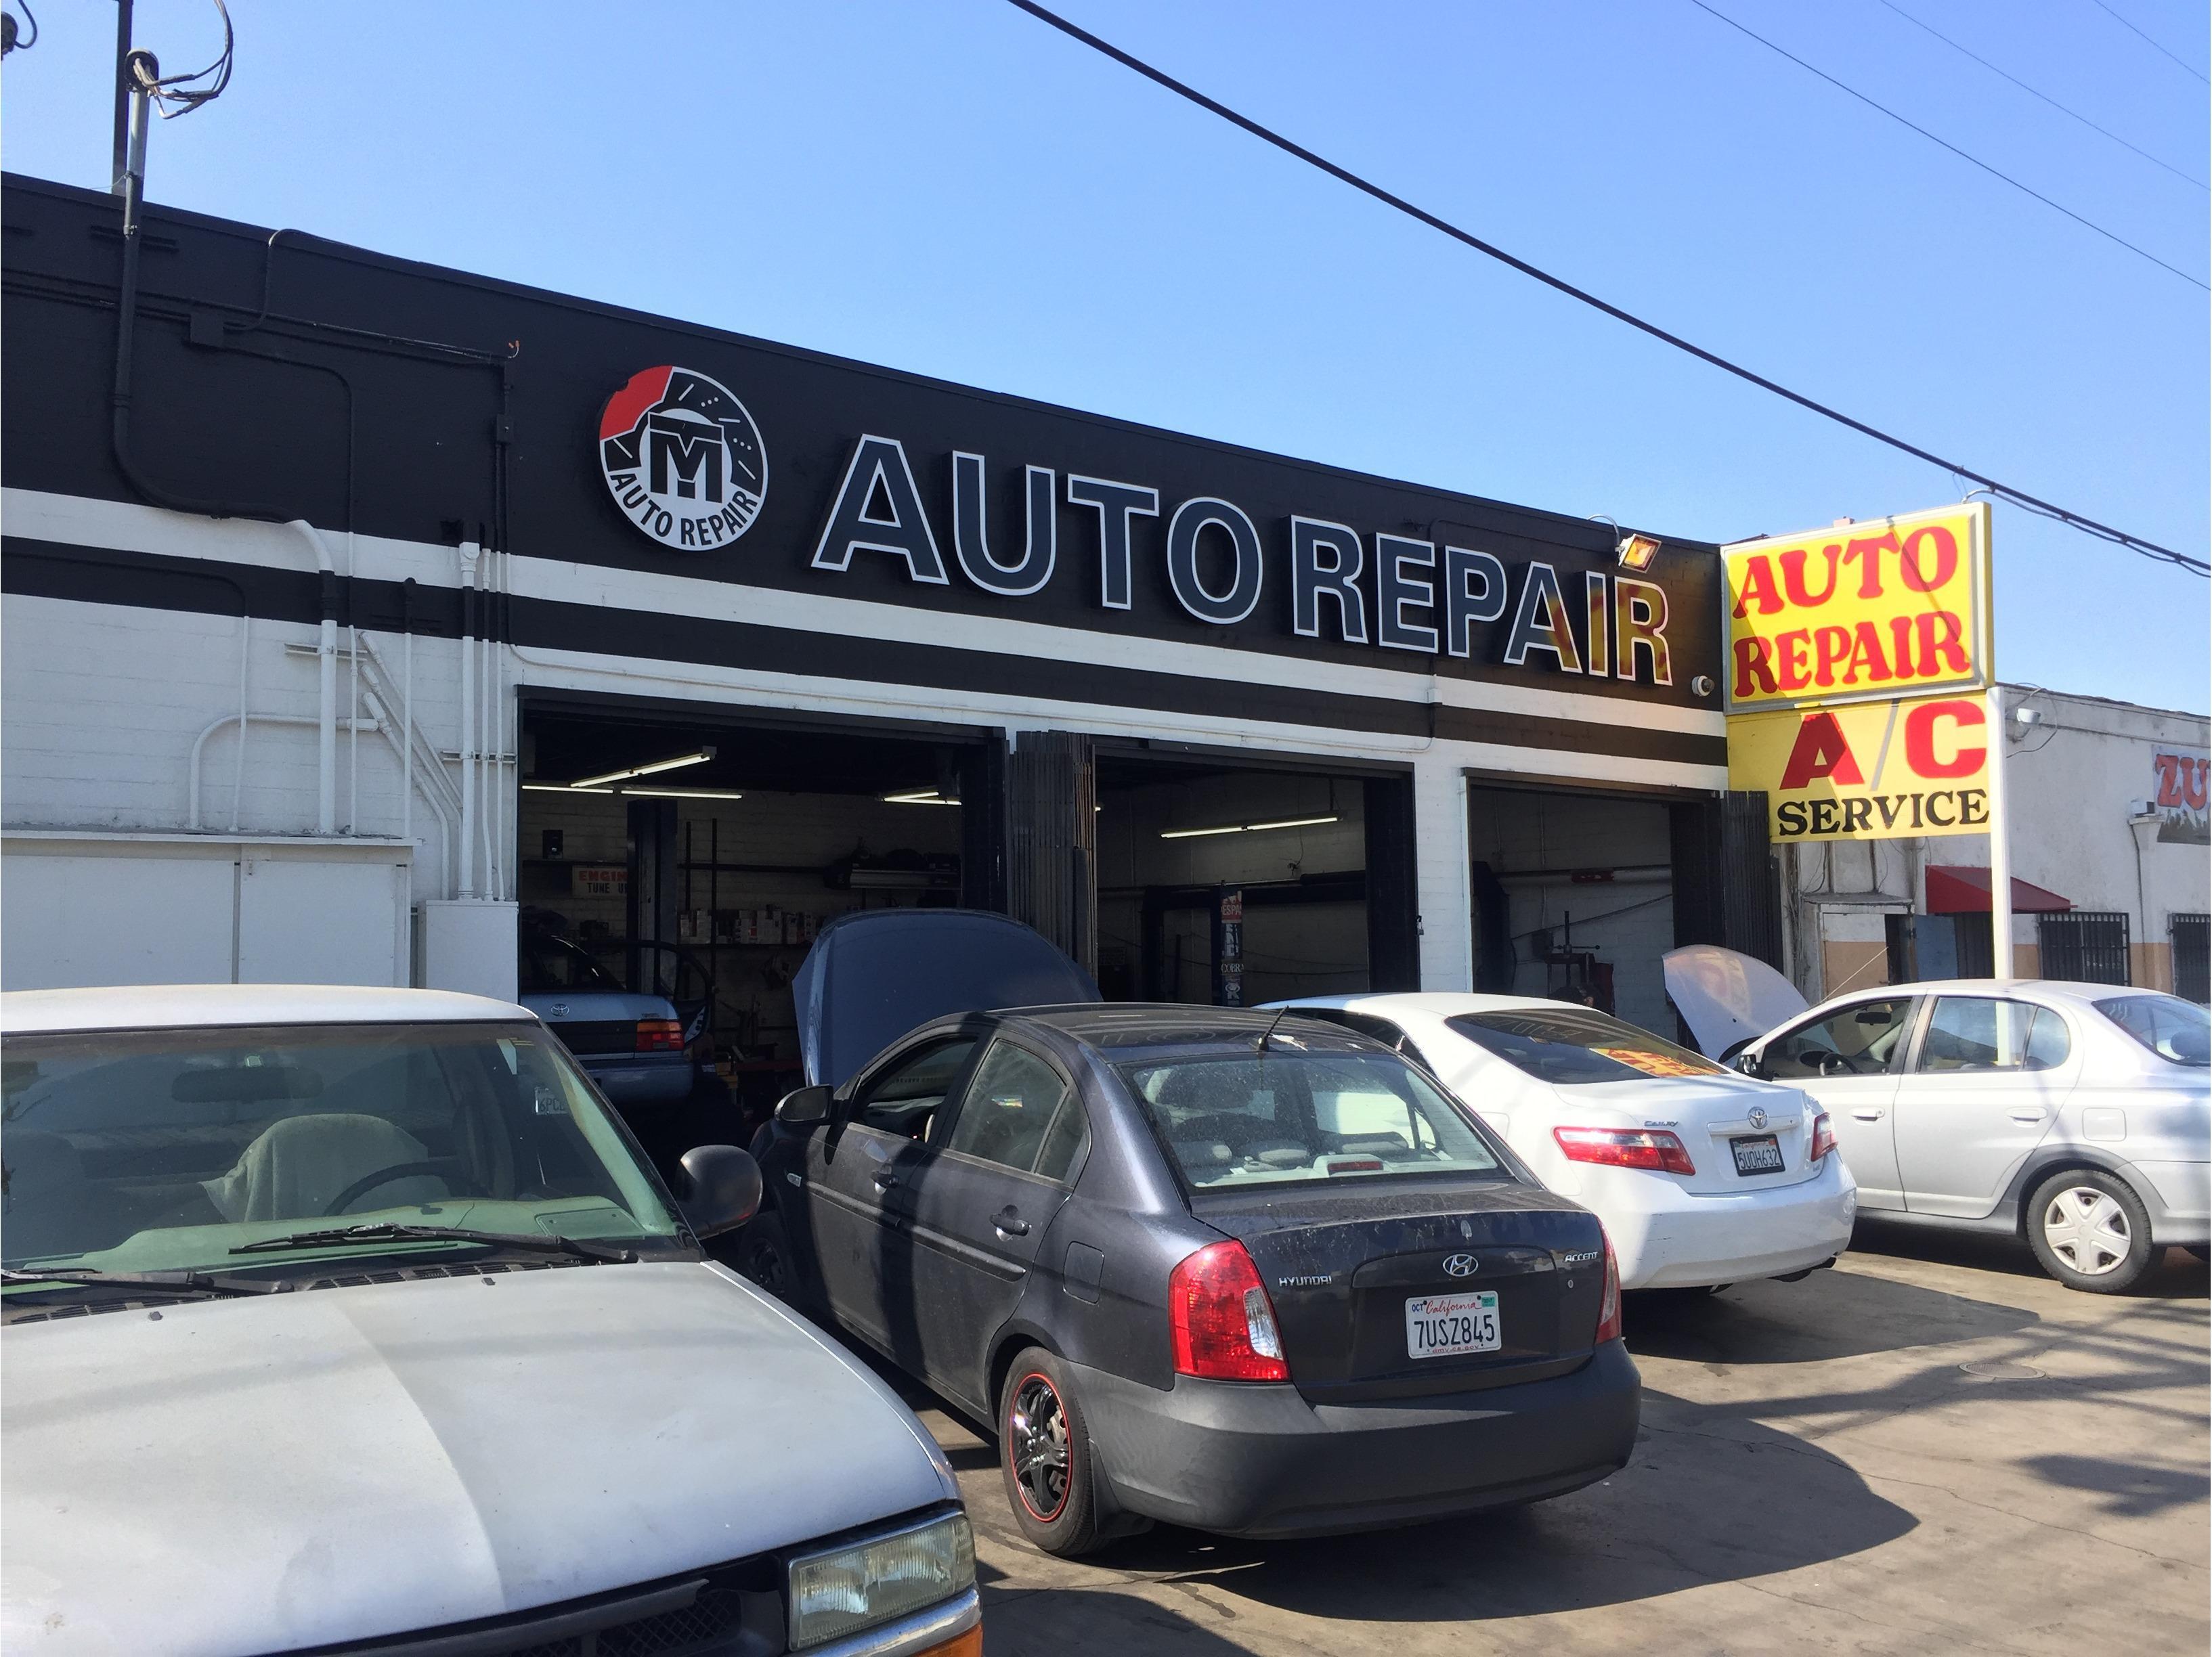 MT Auto Repair image 0